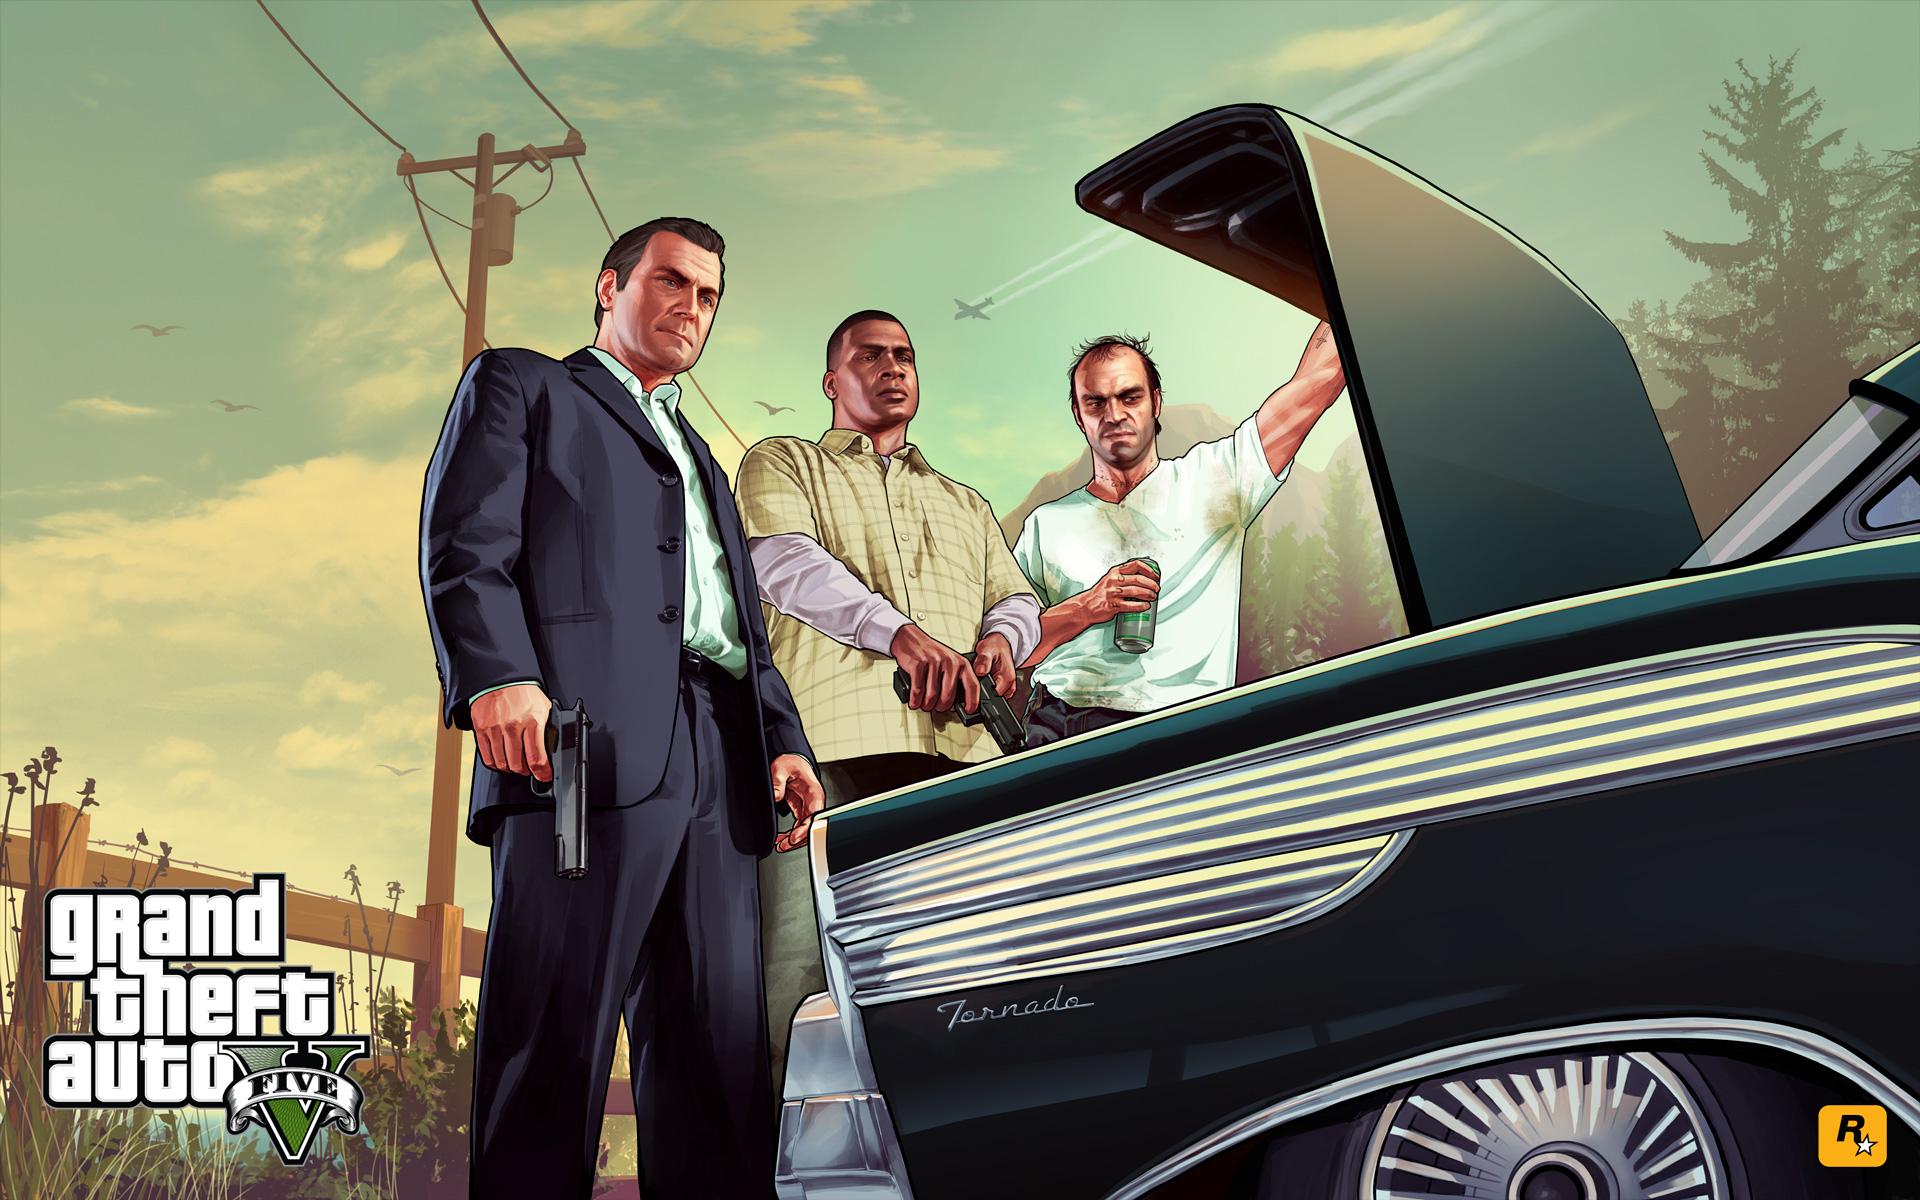 Telecharger Gta 5 Pc Gratuit | Télécharger Grand Theft Auto concernant Jeux À Télécharger Gratuitement Sur Pc